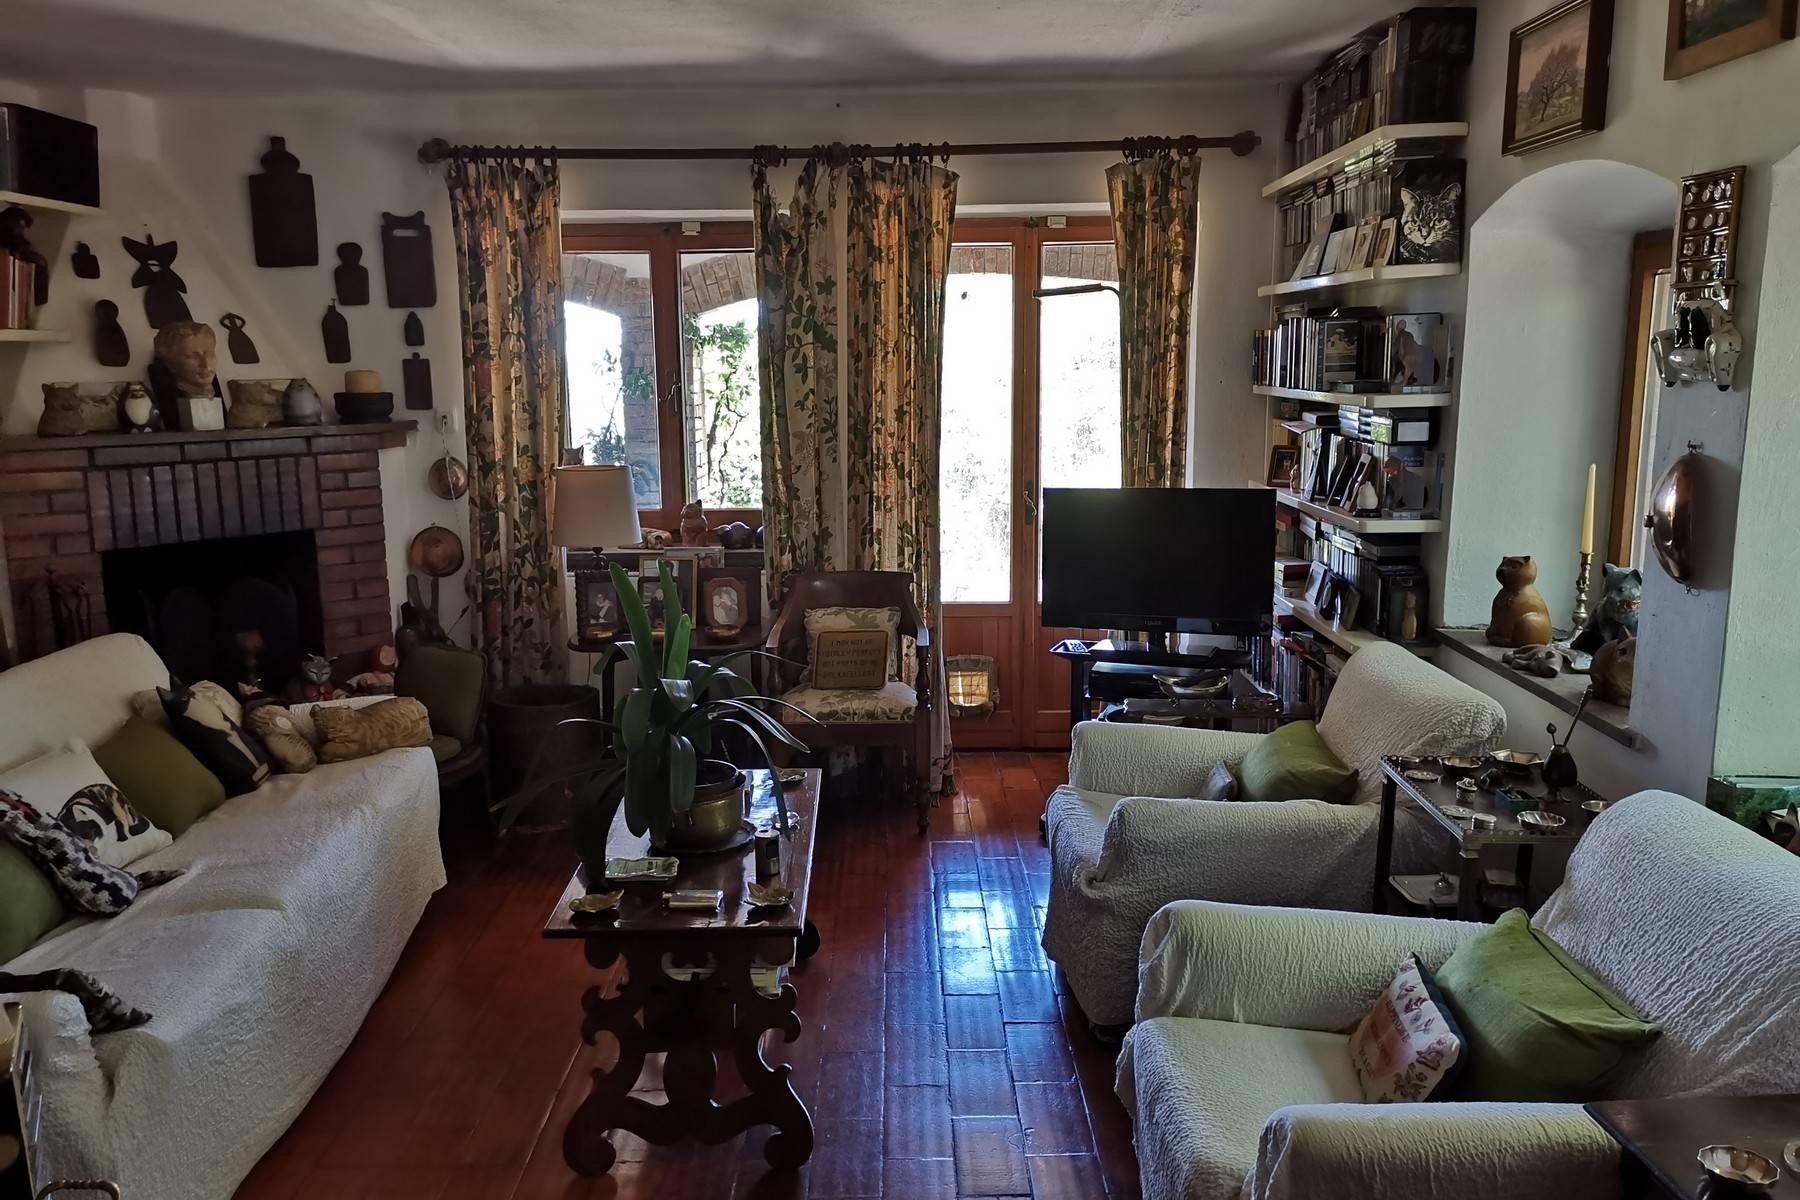 Casa indipendente in Vendita a Manciano: 5 locali, 240 mq - Foto 8